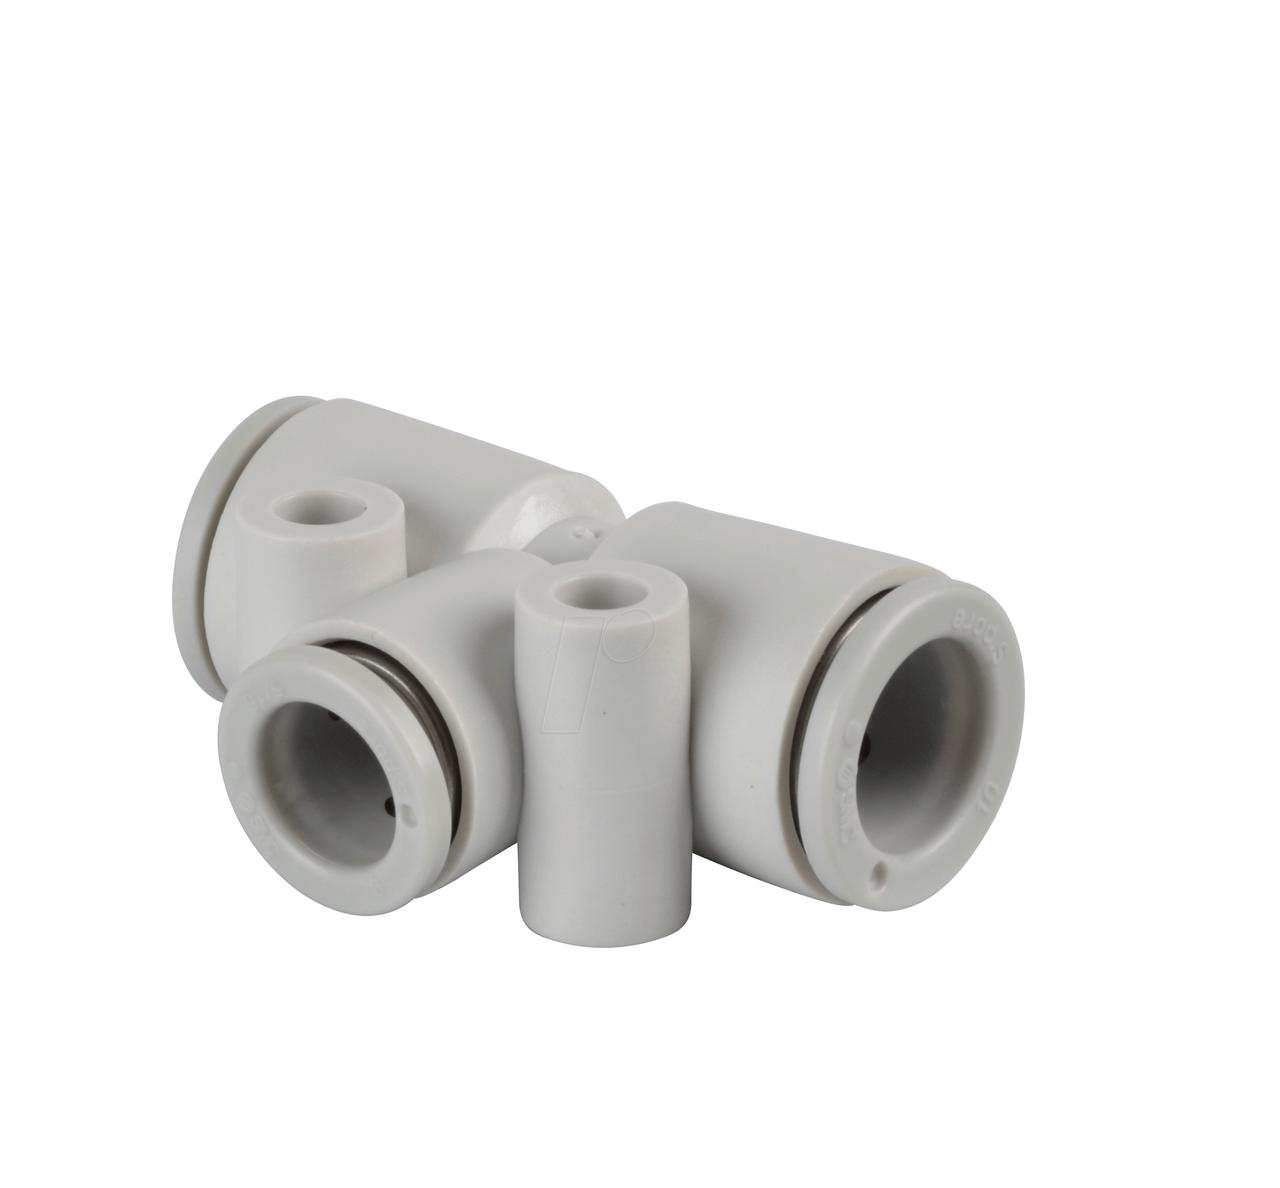 Тройник быстросьемный Т-образный для пневмошлангов 10 мм